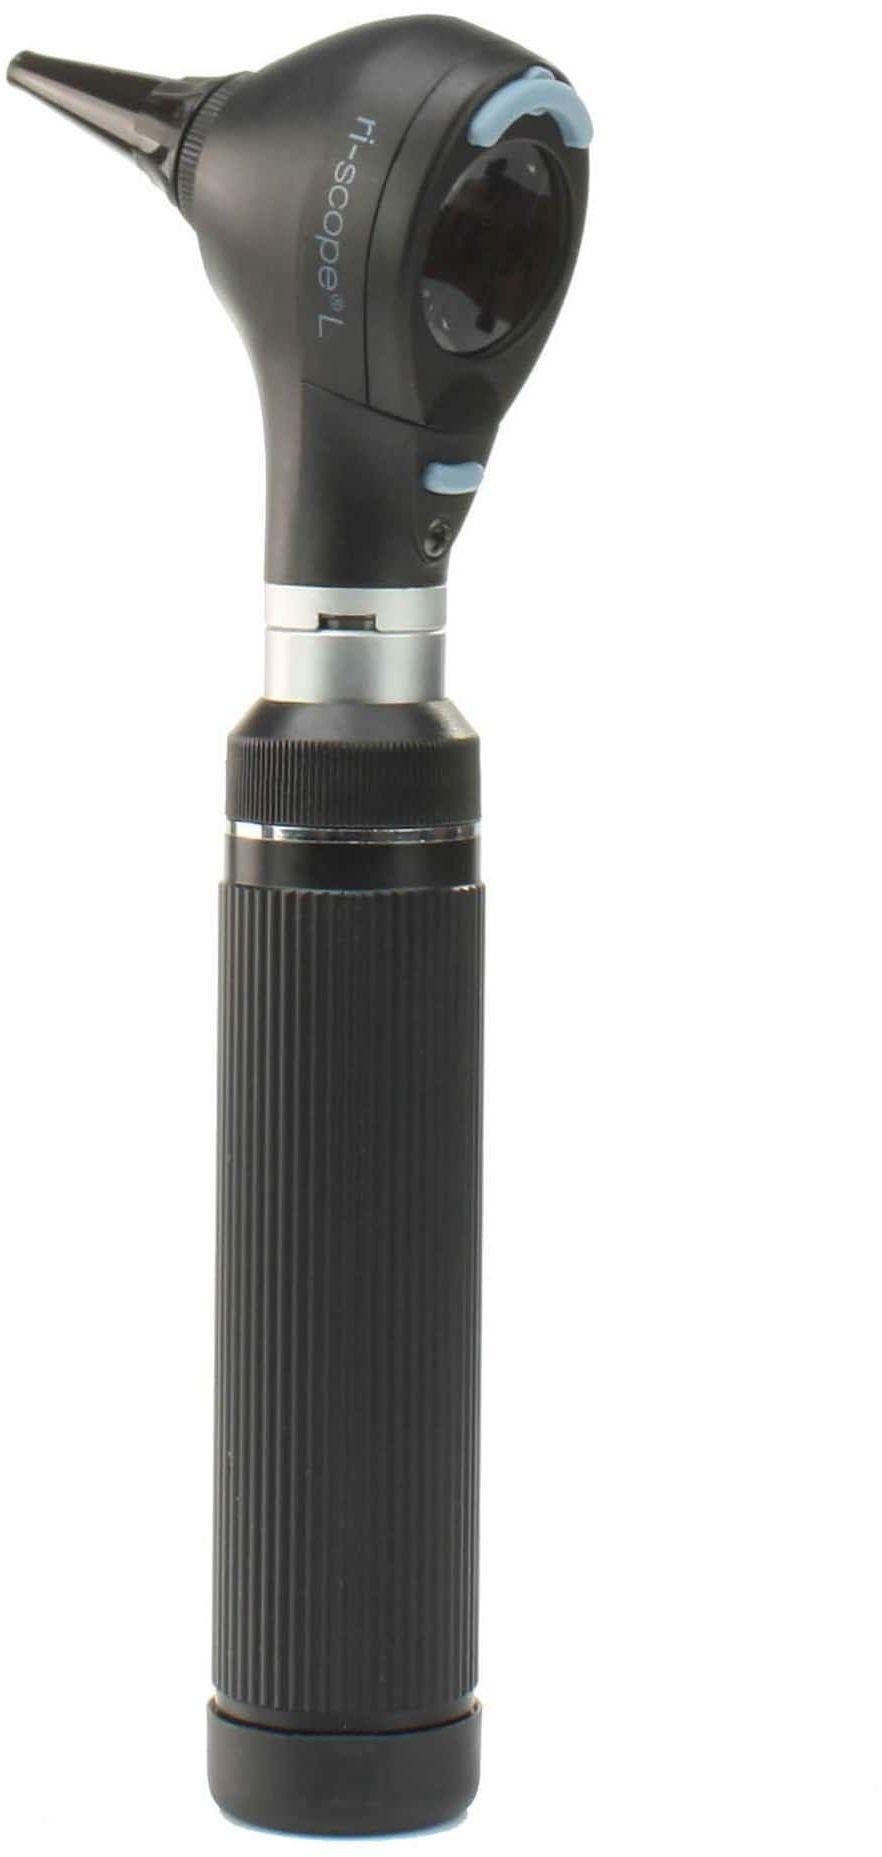 Riester ri-scope L3 otoskop światłowodowy LED 2,5 V z bateryjną rękojeścią typu C